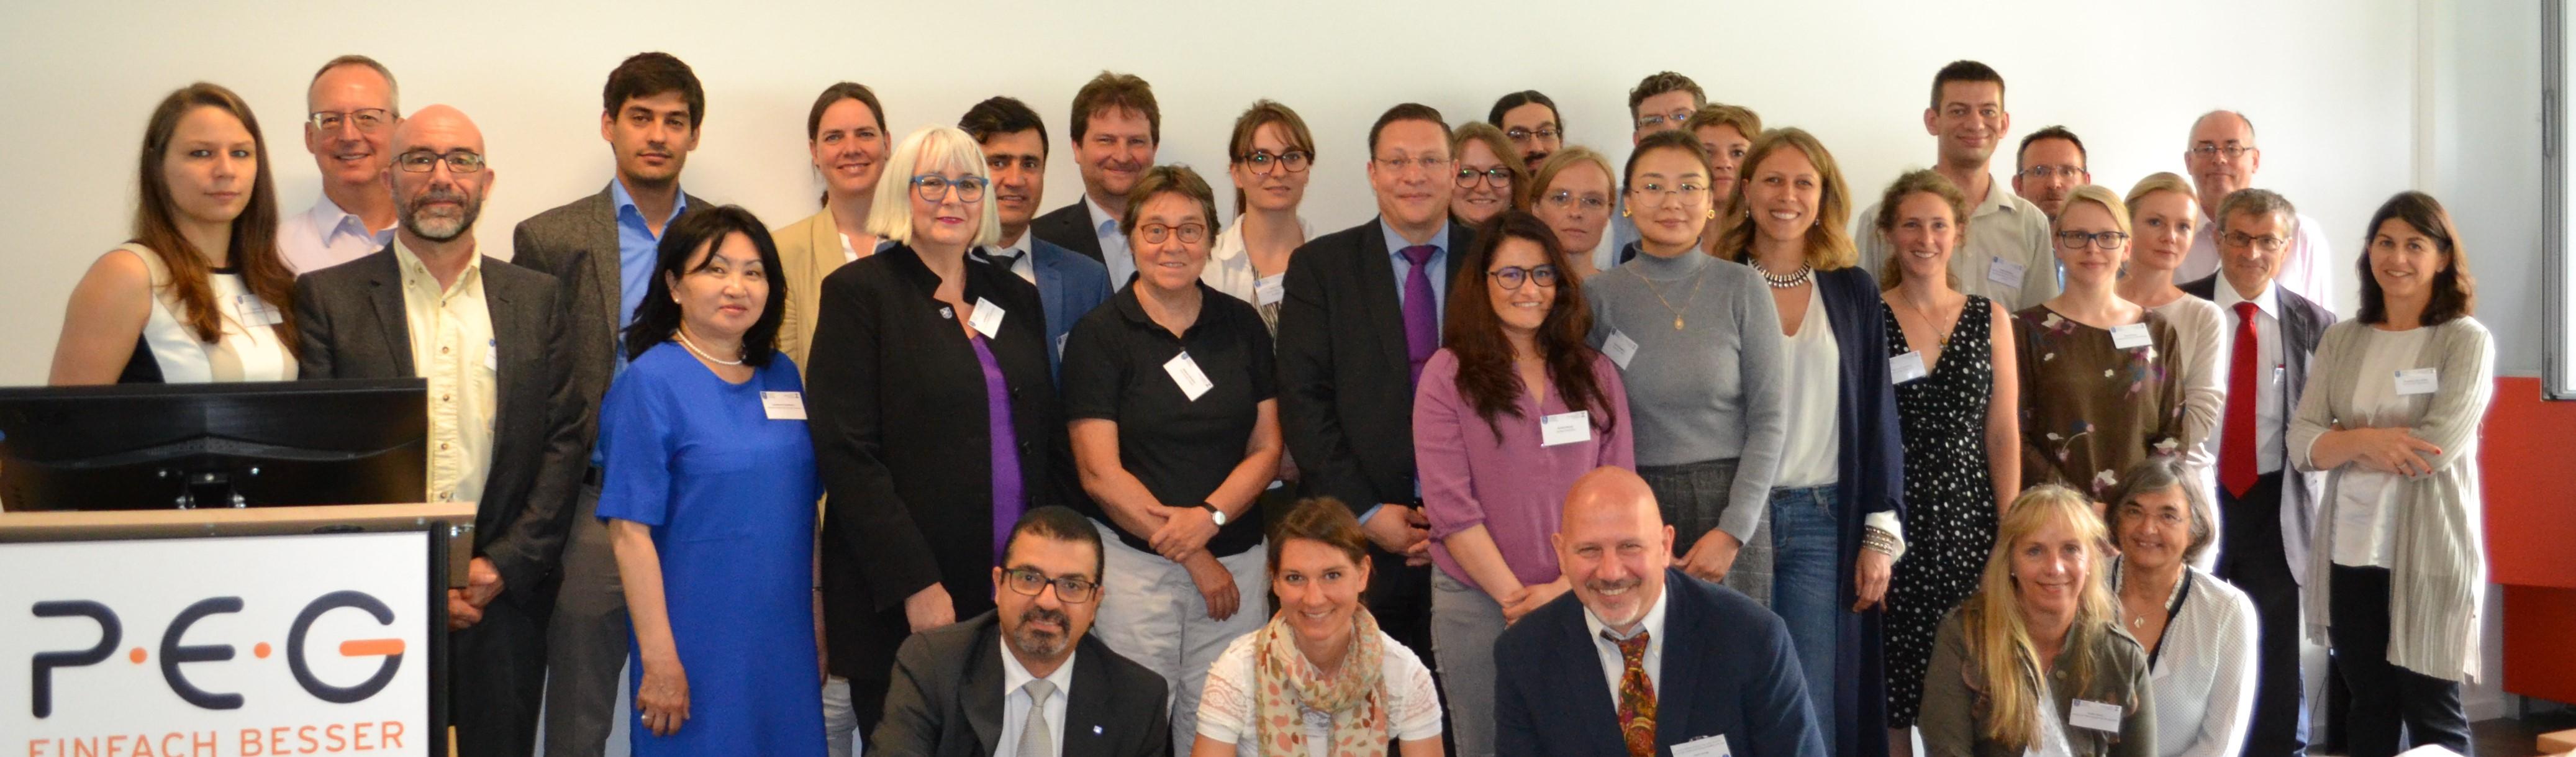 Conference participants image